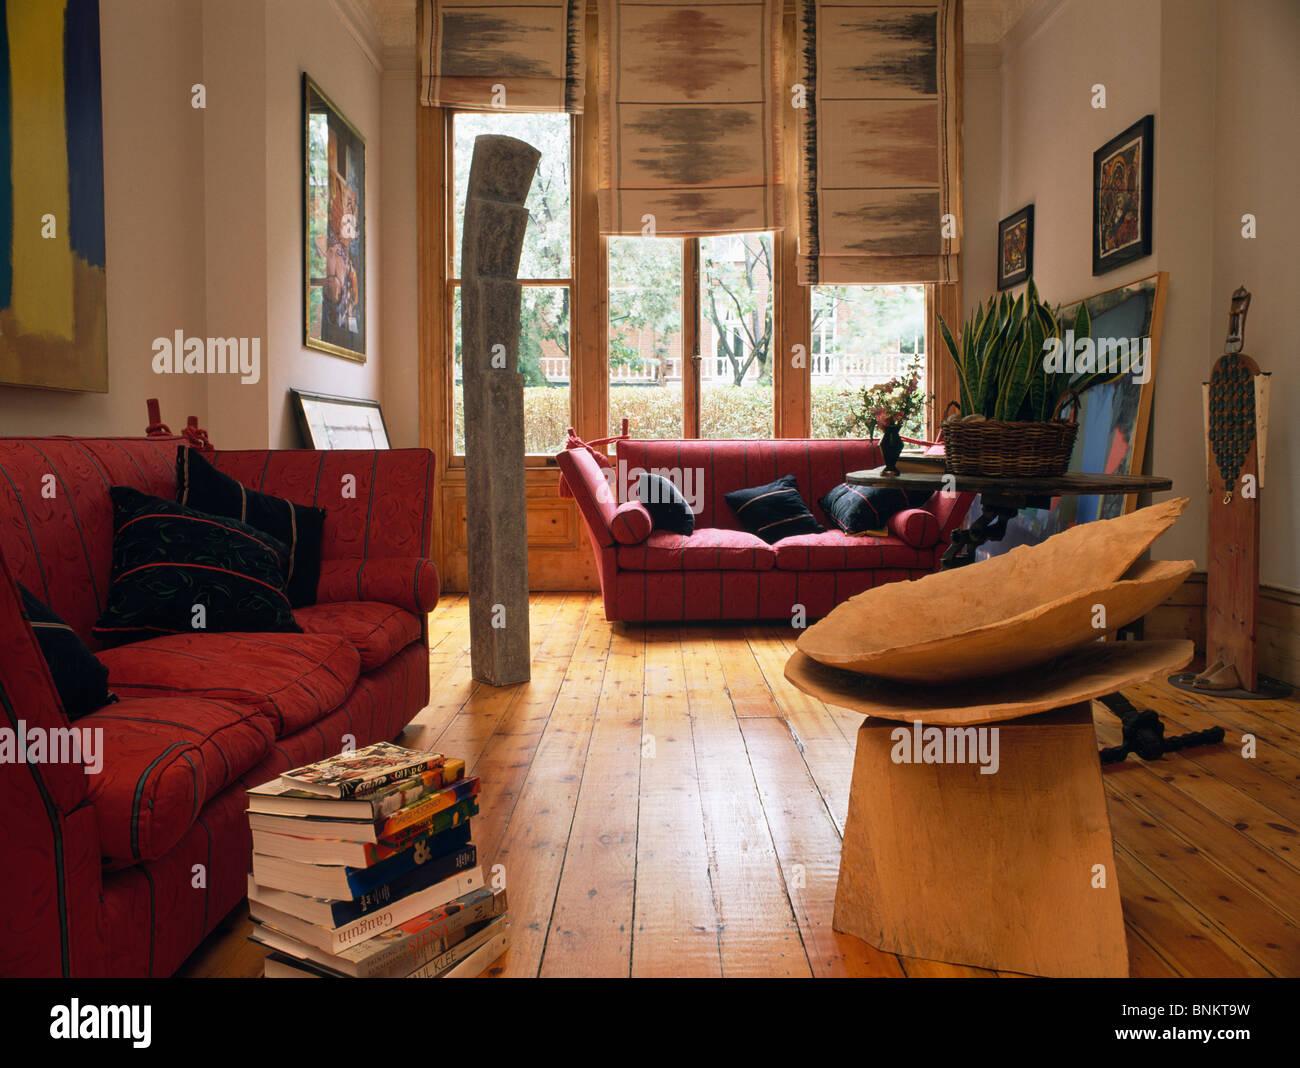 Moderne Skulptur Im Wohnzimmer Mit Roten Sofas Und Holzböden Und